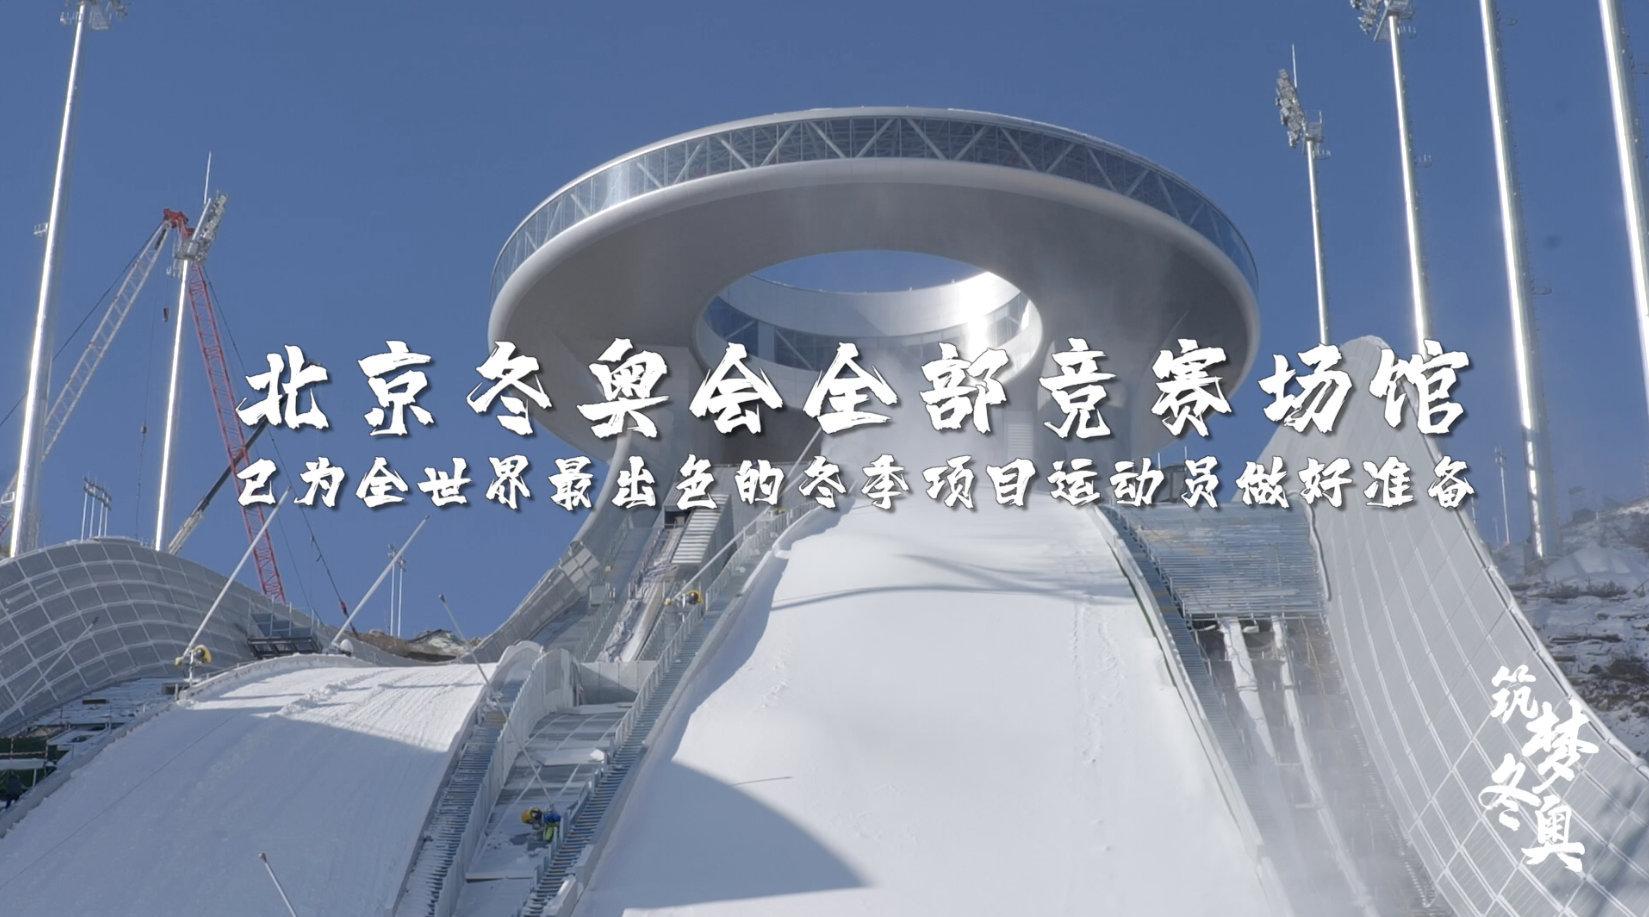 期待!北京冬奥会竞赛场馆全部完工